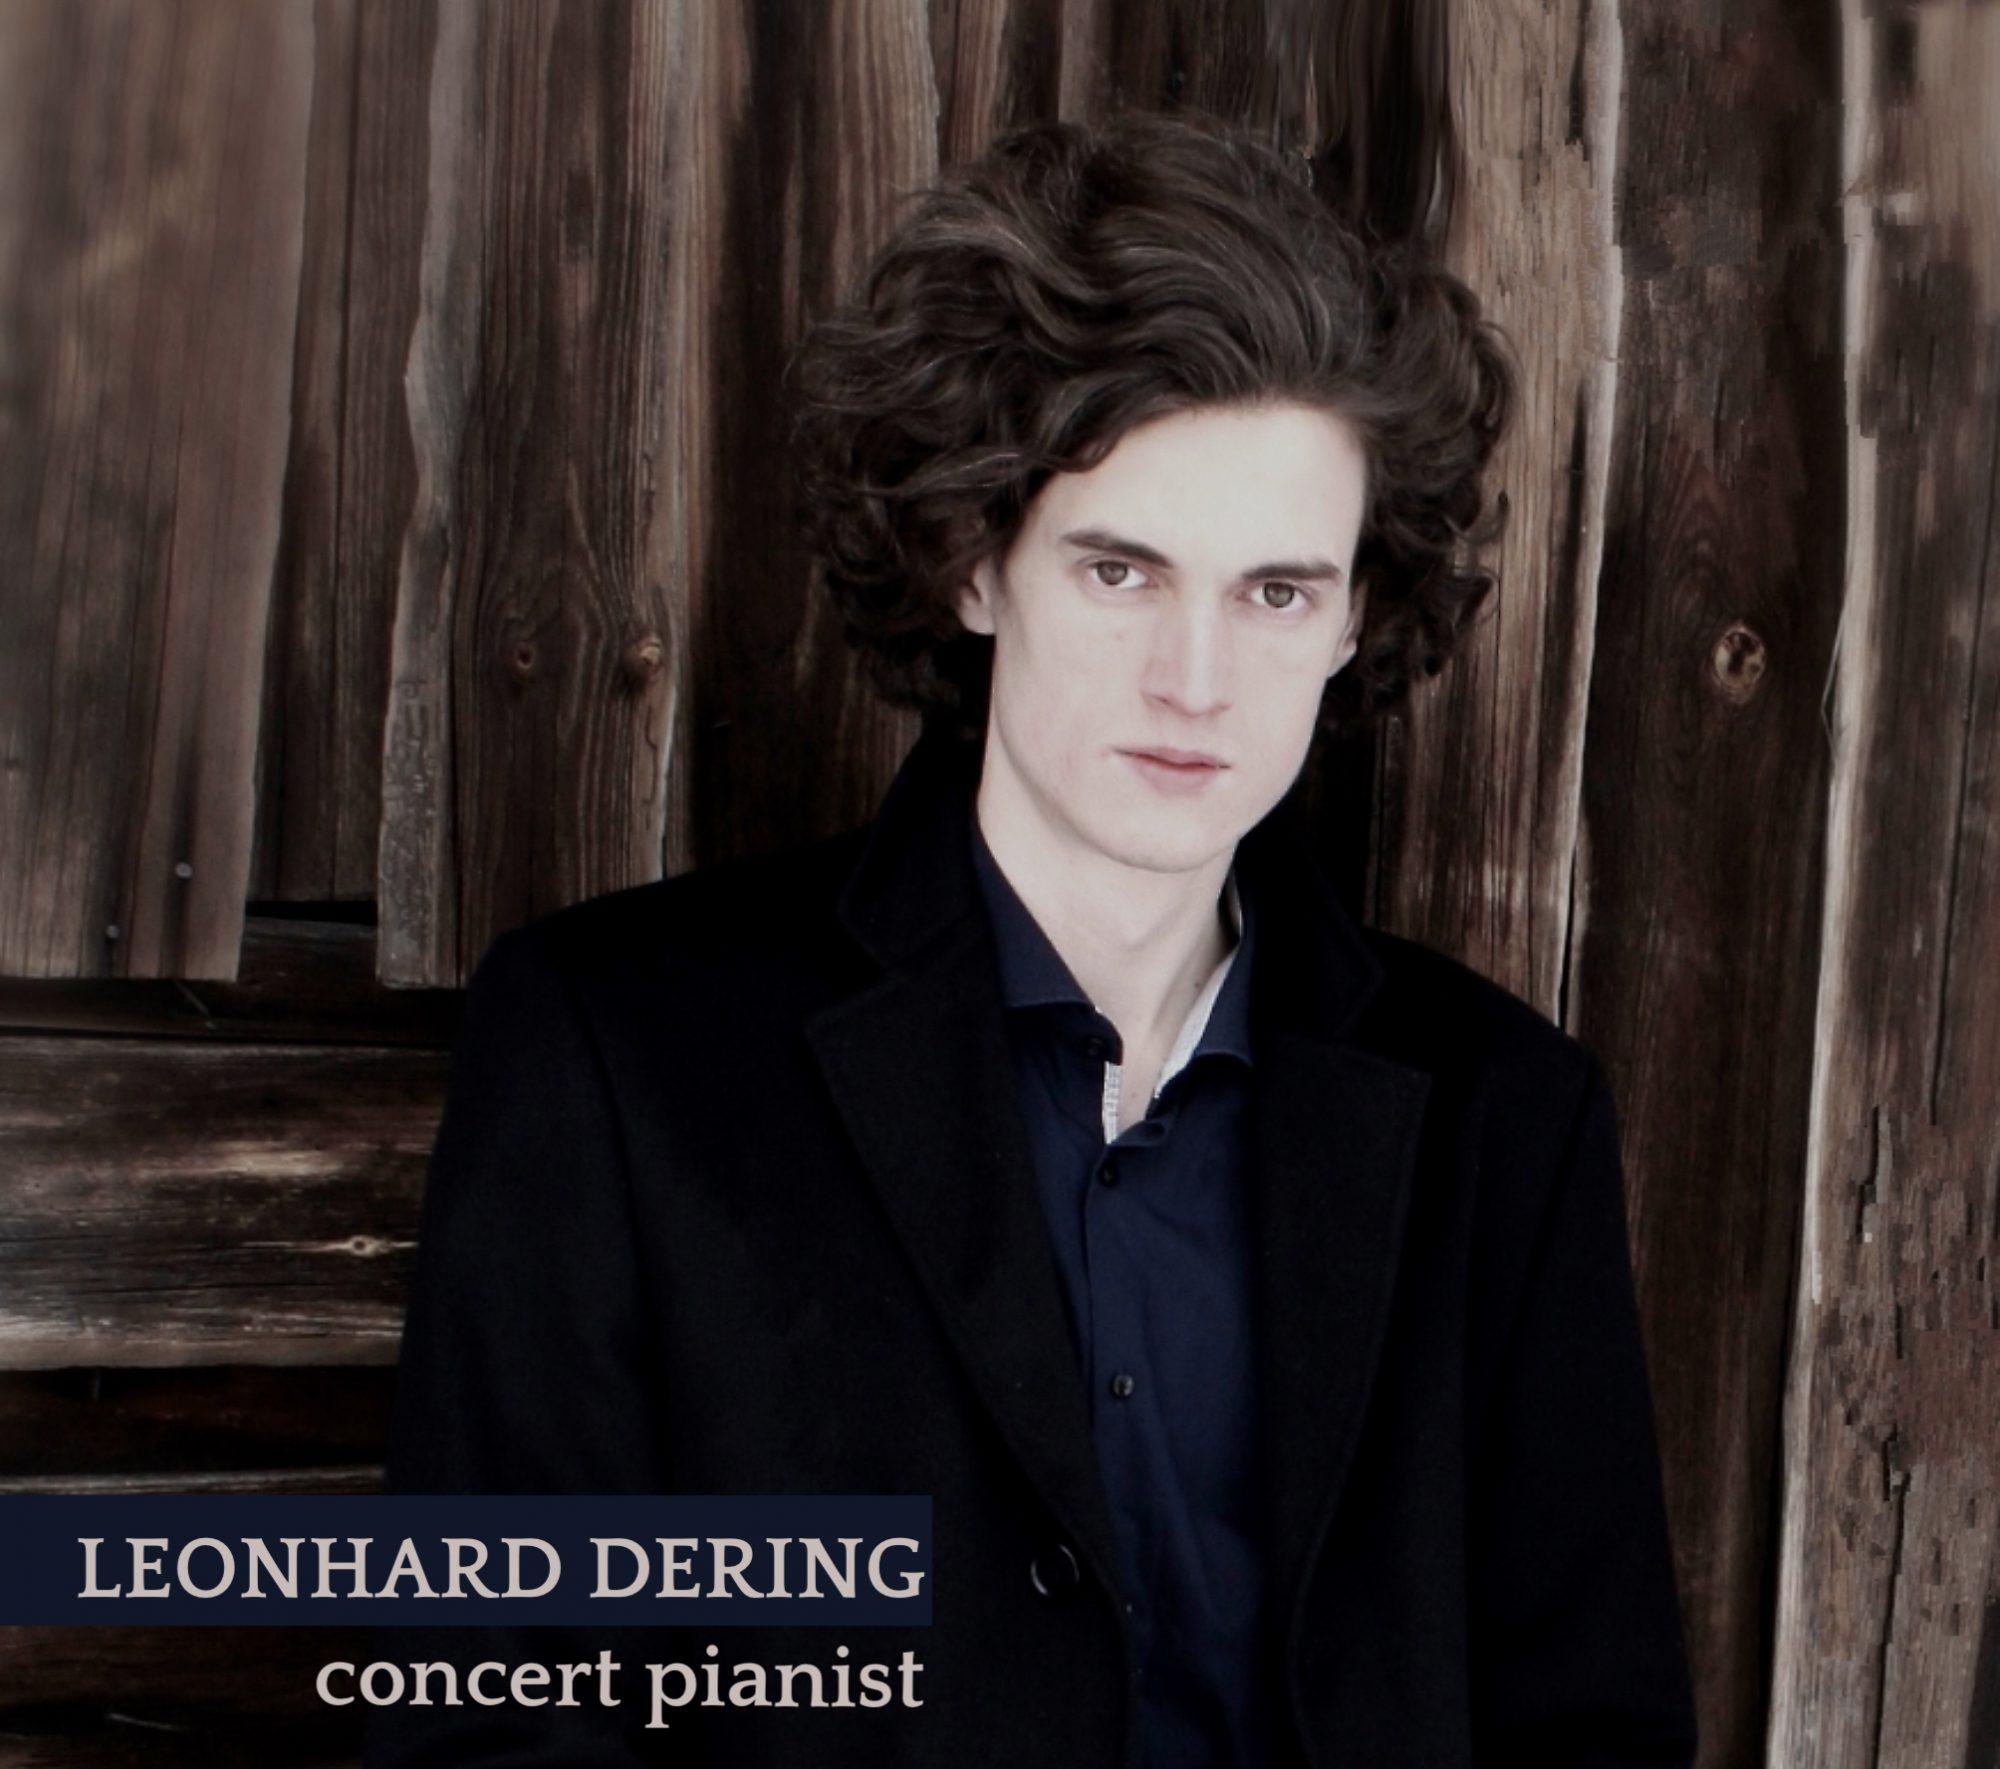 Leonhard Dering